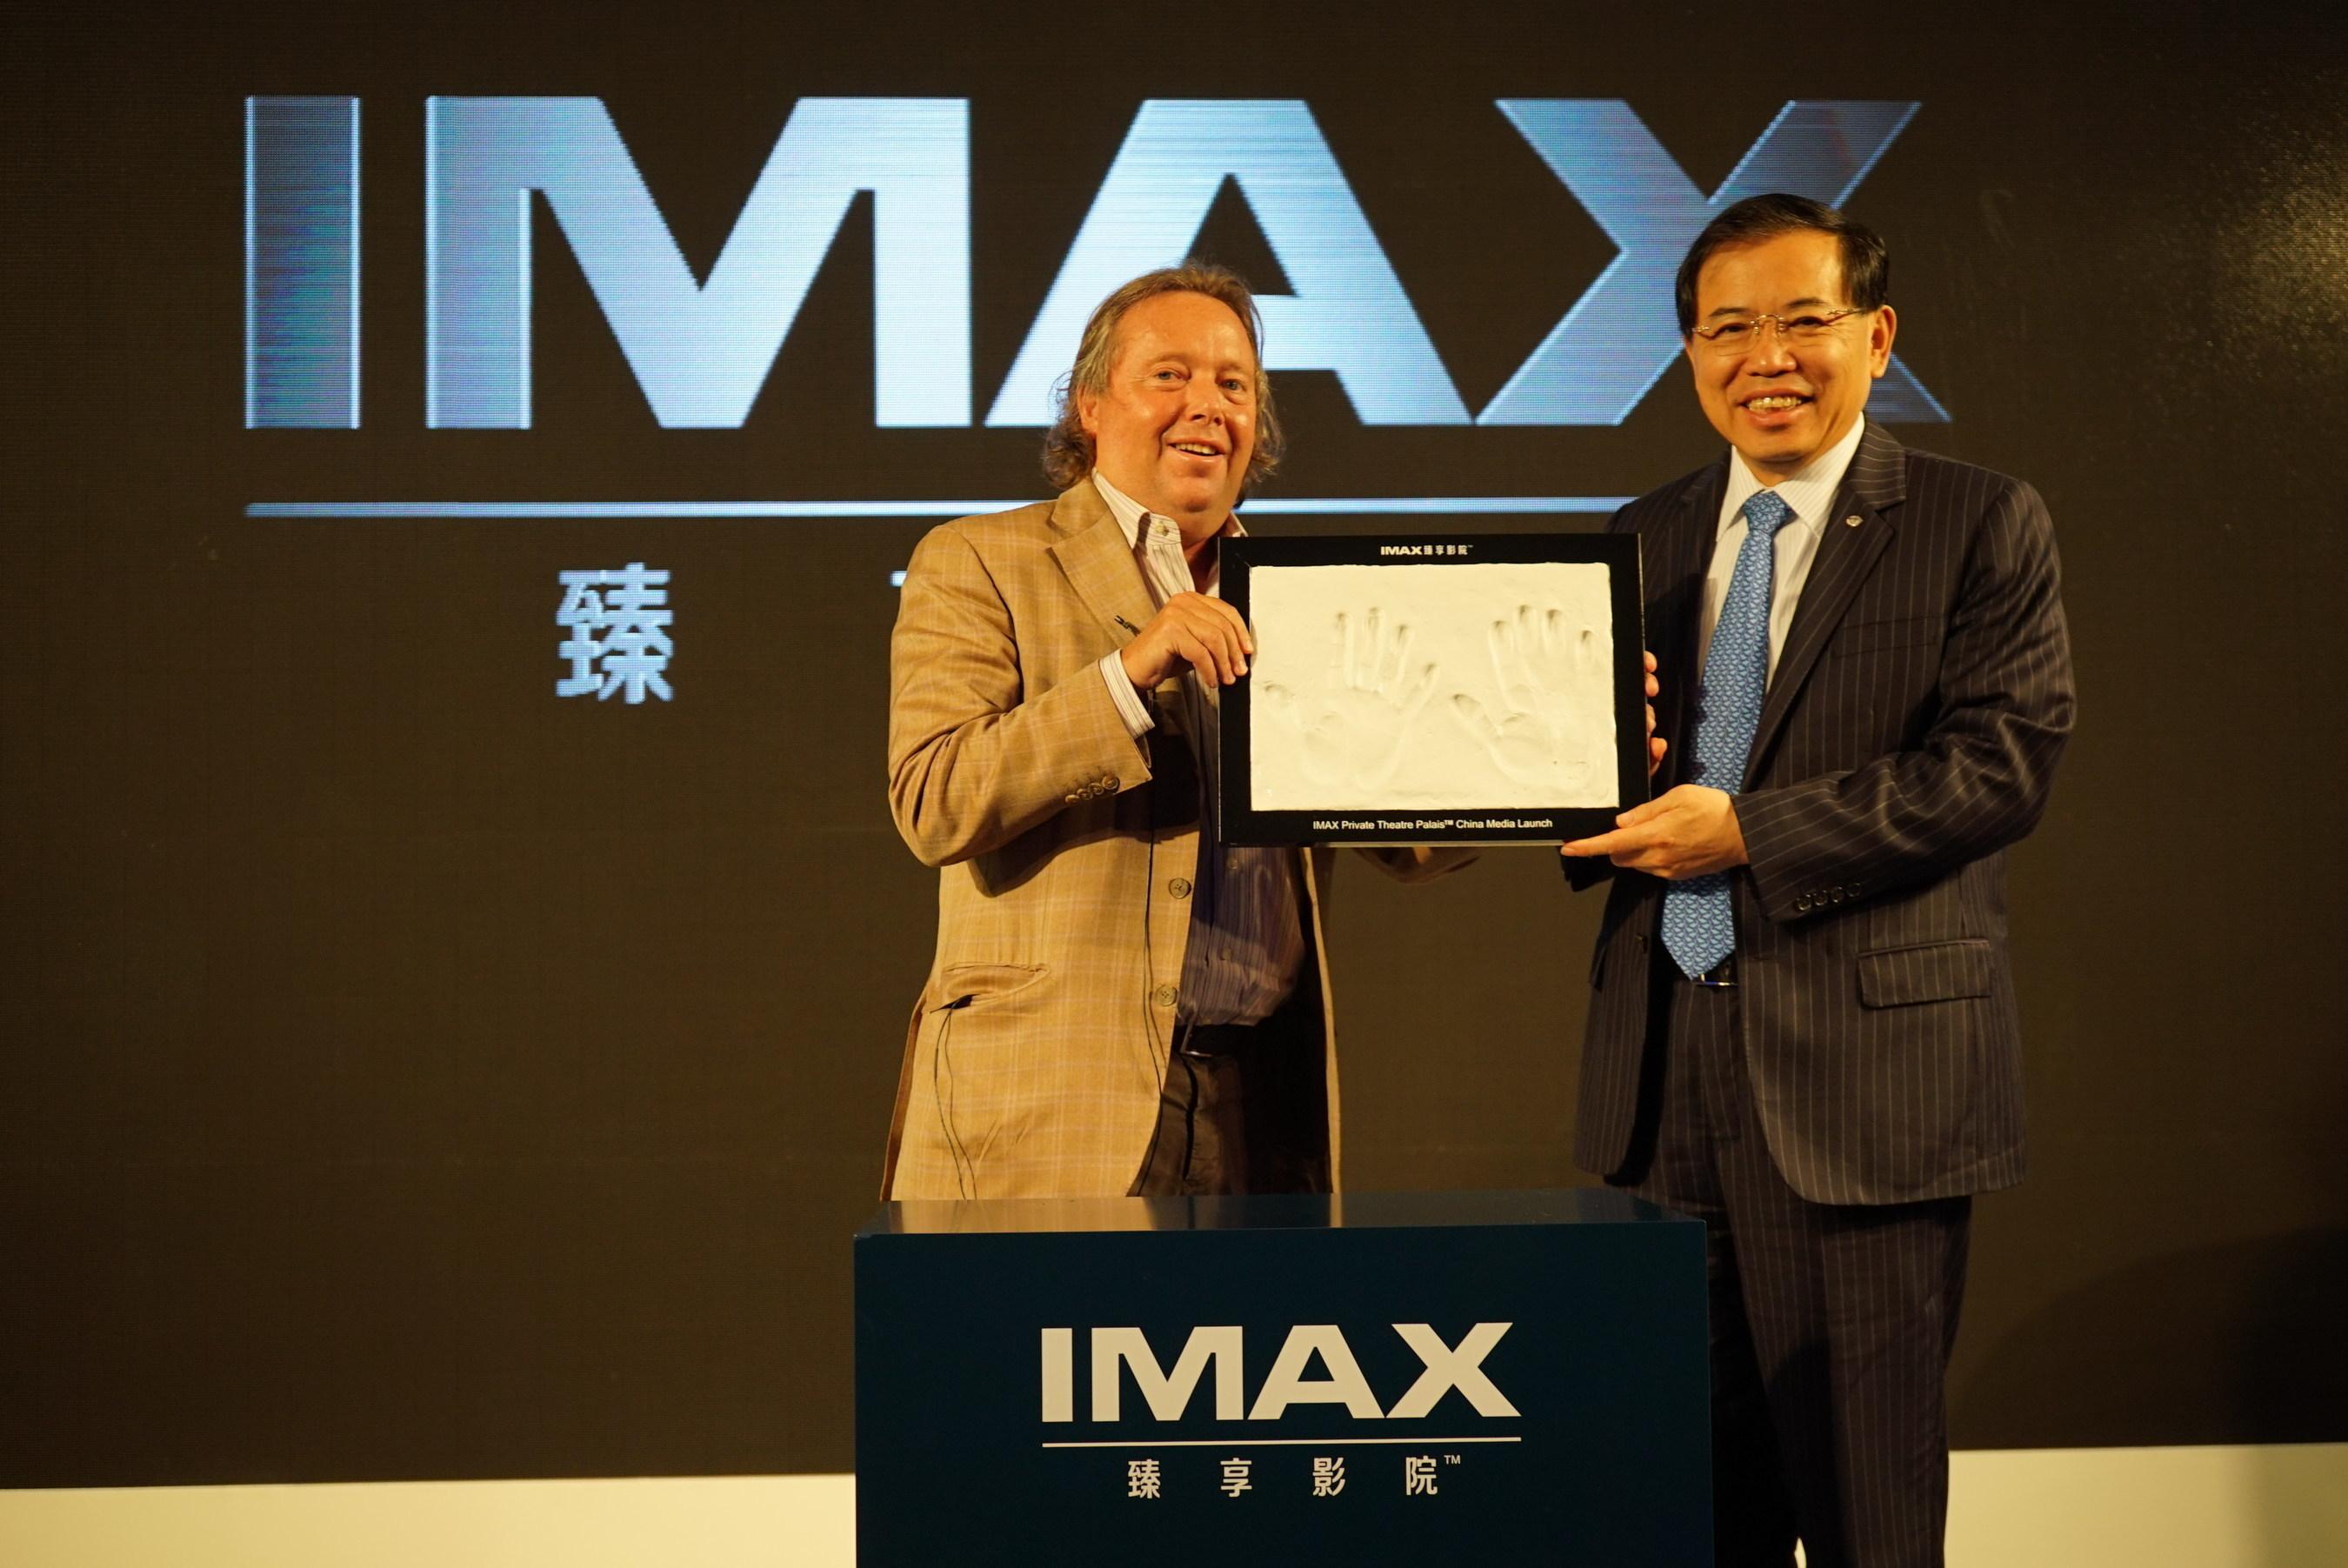 TCL-IMAX bringt weltweit führendes Heimkinosystem 'Palais'(TM) auf den Markt